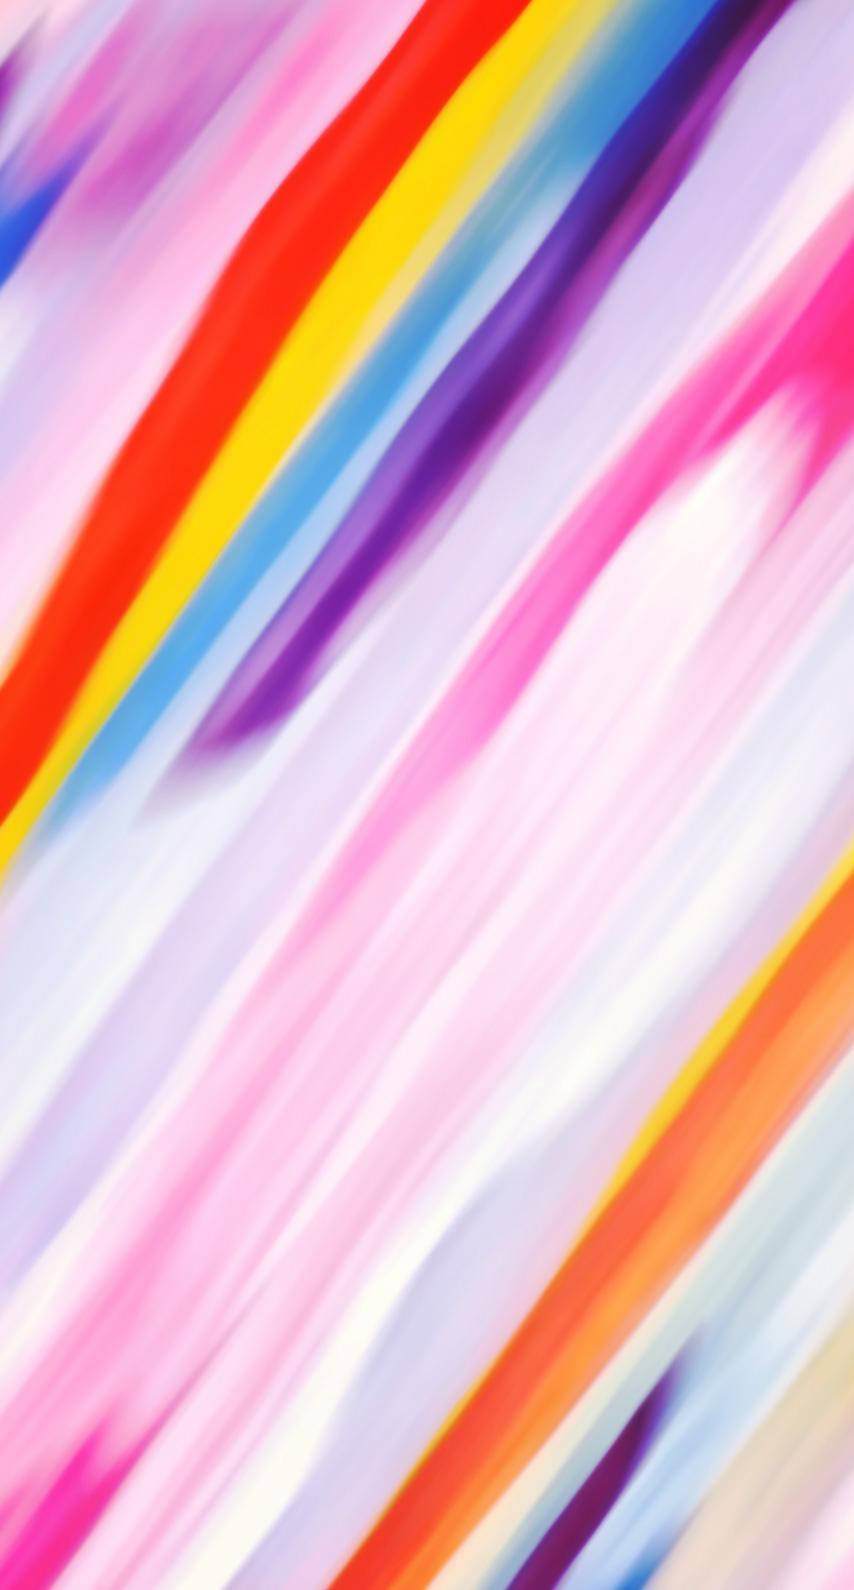 color, creativity, motley, coloring, flow, vibrant, twist